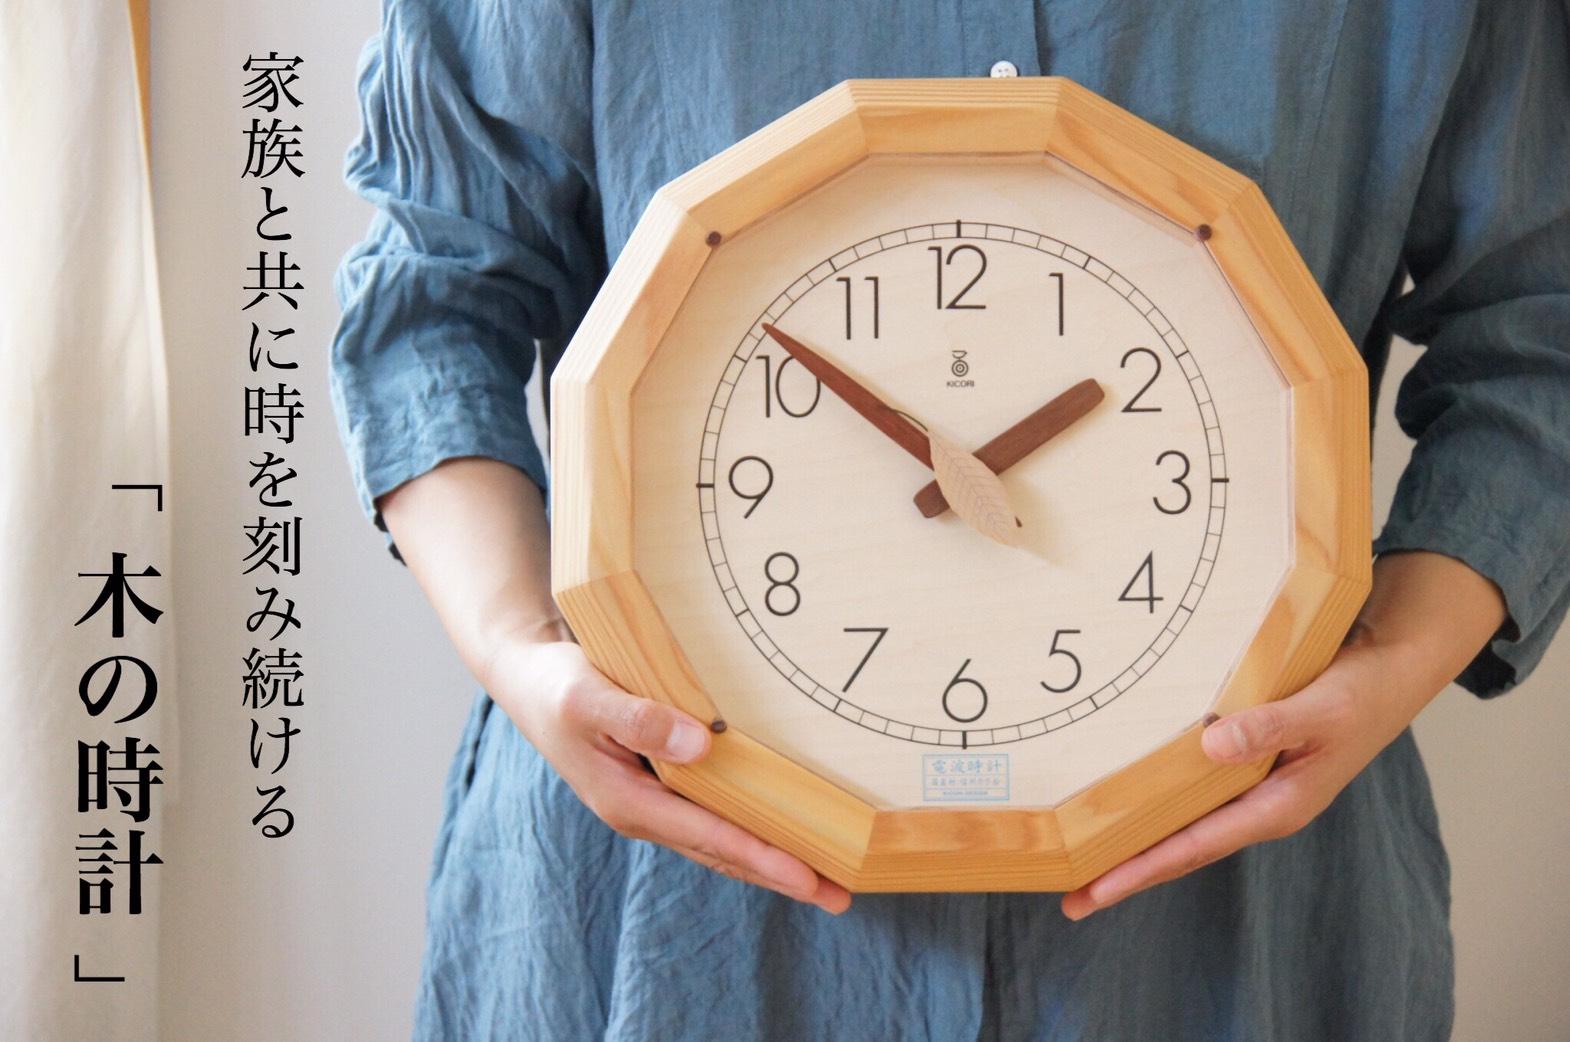 【 WIREコラム 】家族と共に時を刻み続ける『木の時計』